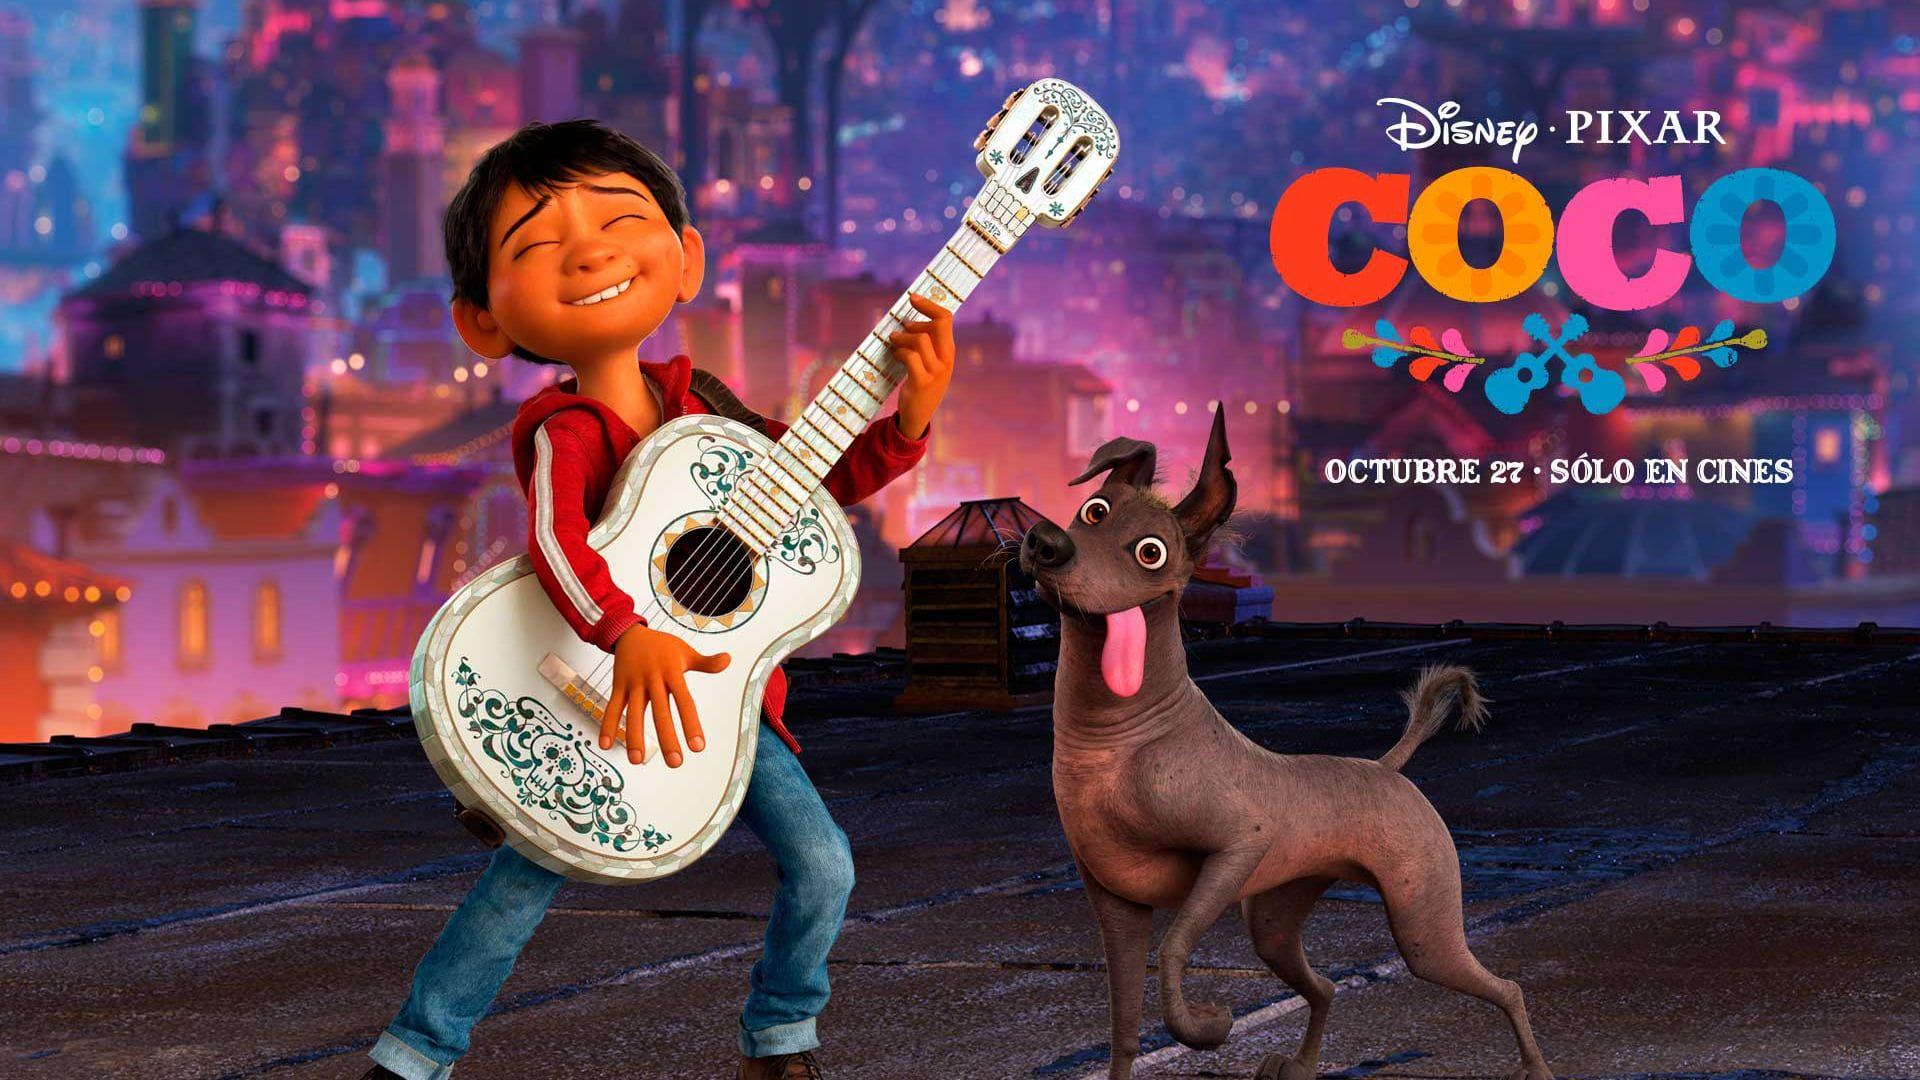 Coco 2017 Cb01 Completo Italiano Altadefinizione Cinema Guarda Coco Italiano 2017 Film Streaming Altadefinizione Cb01 Coc Musicista Idol Guardare Film